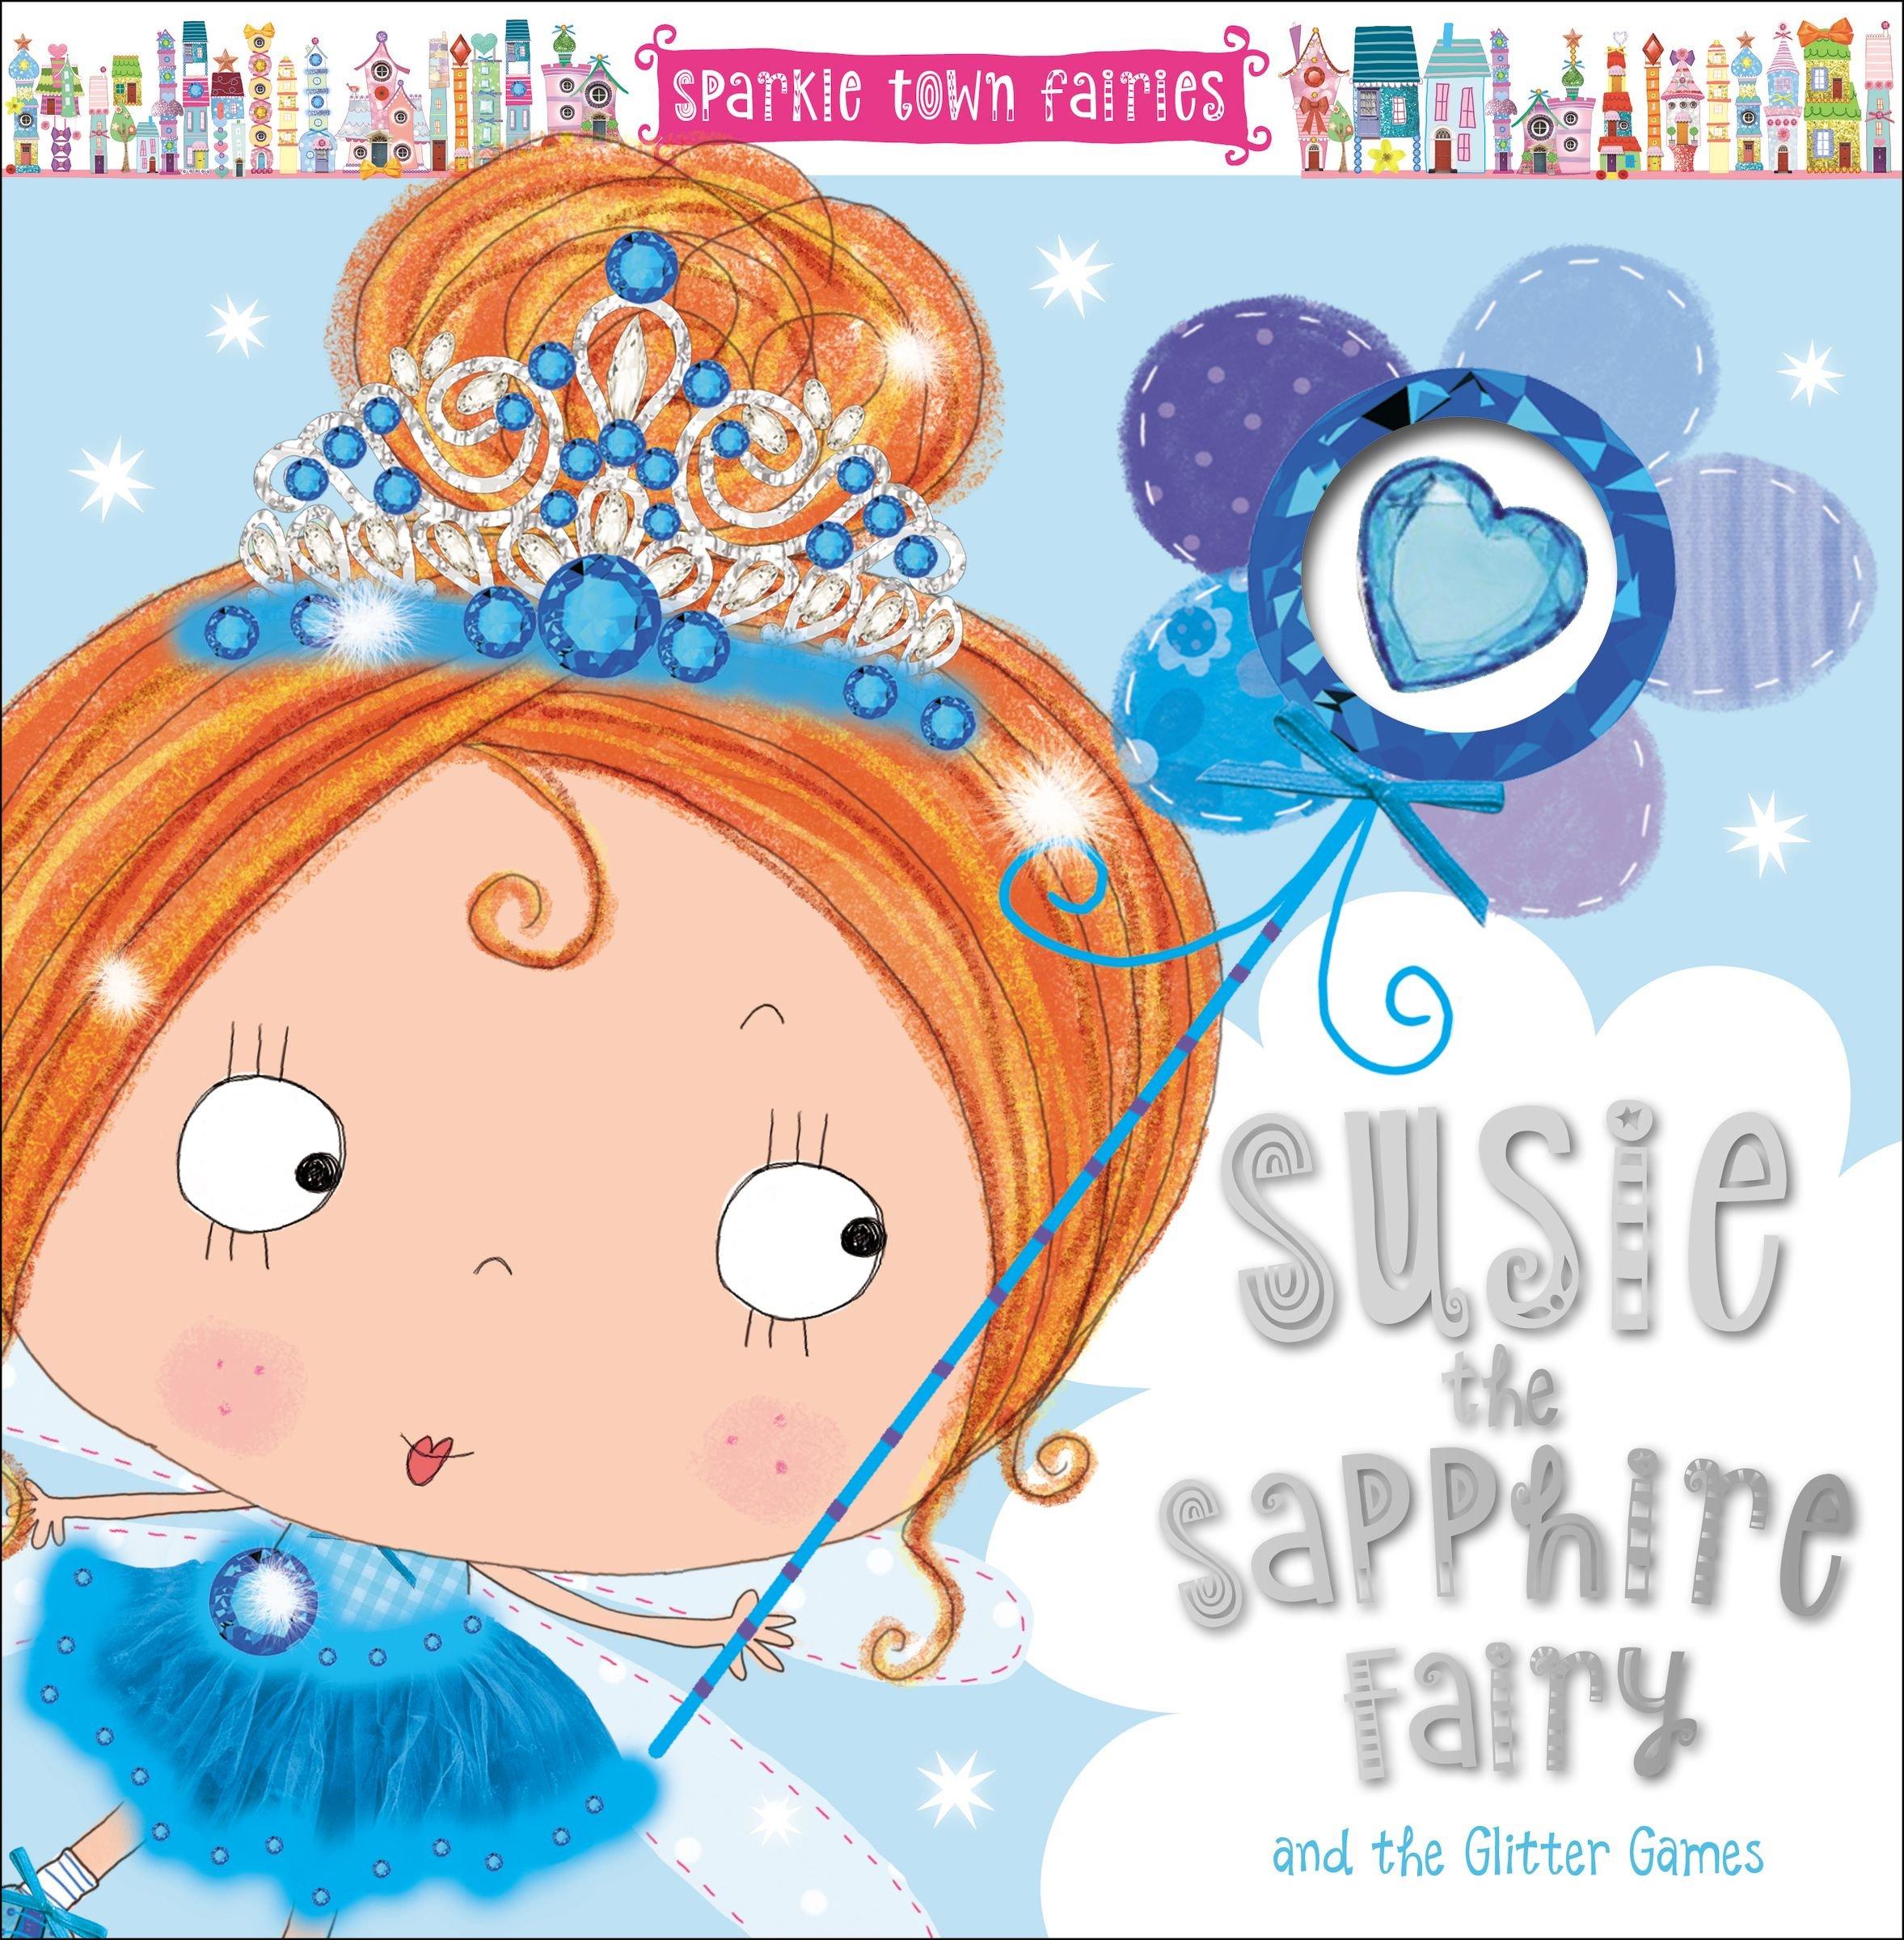 7a62b858791 Sparkle Town Fairies Susie the Sapphire Fairy  Amazon.co.uk  Thomas Nelson   Books